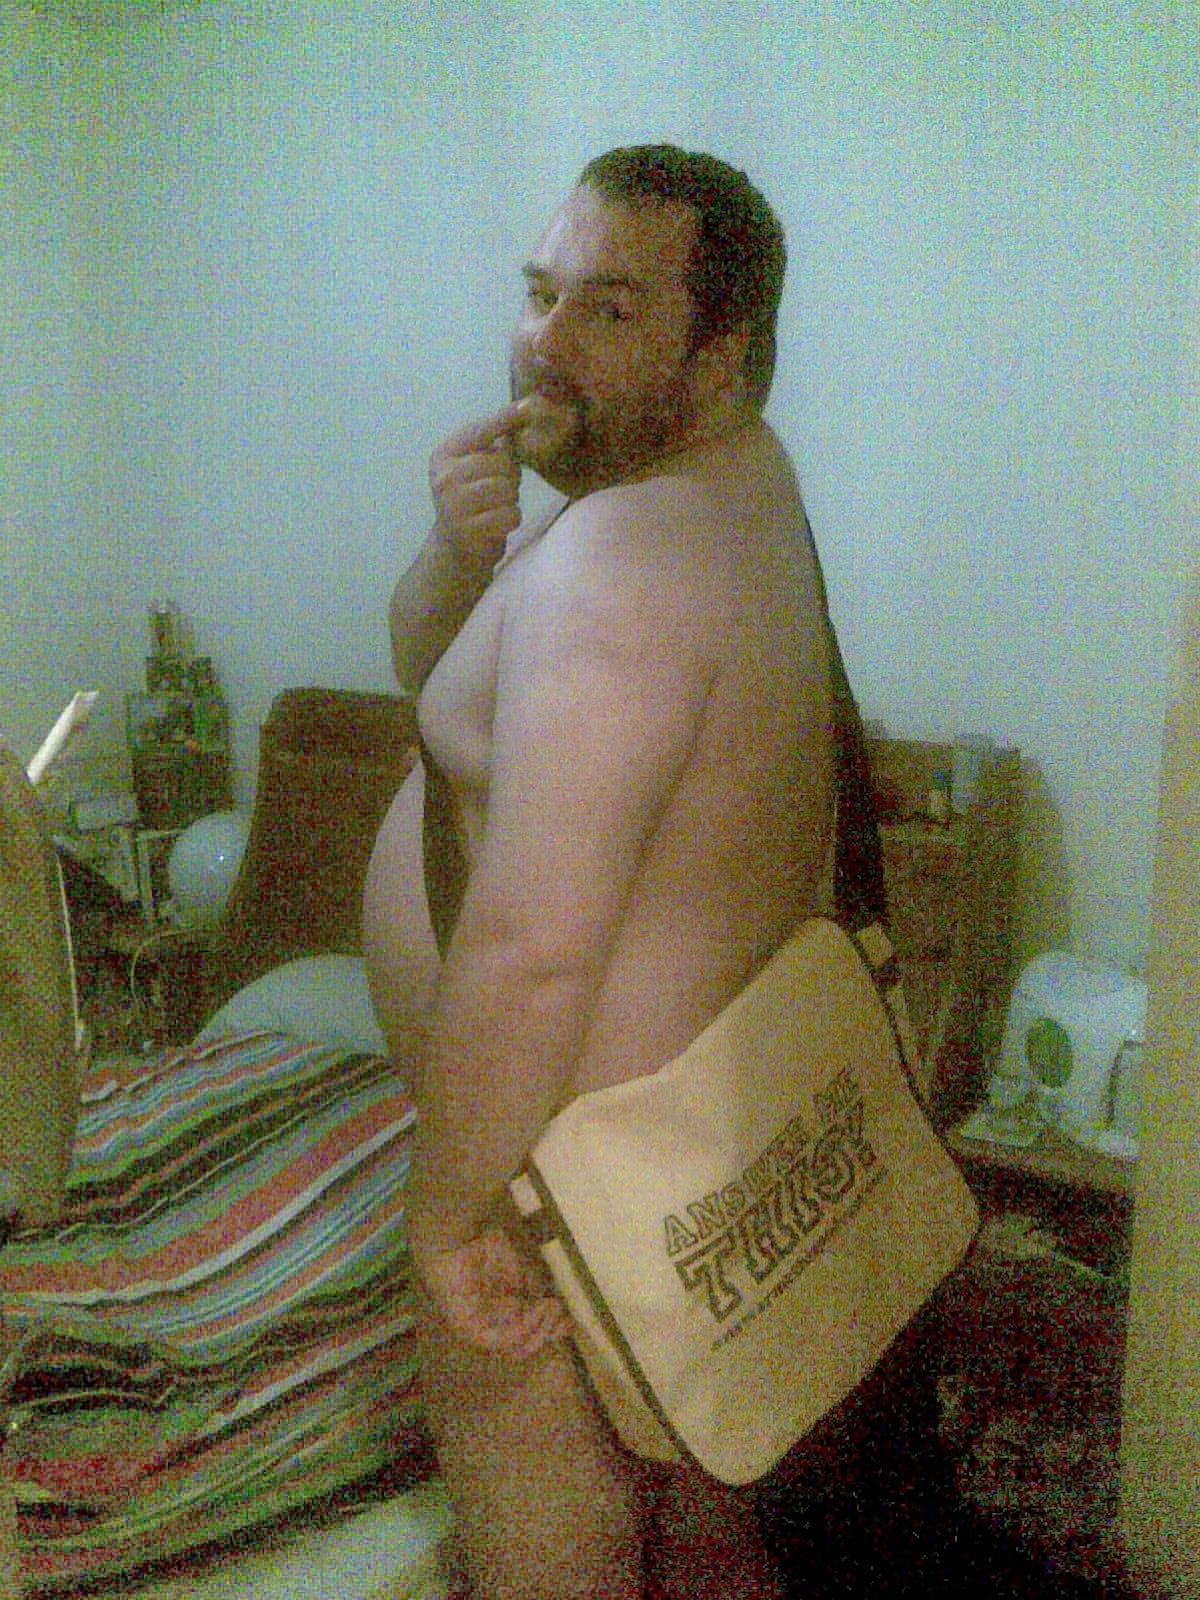 Dave's bumbag